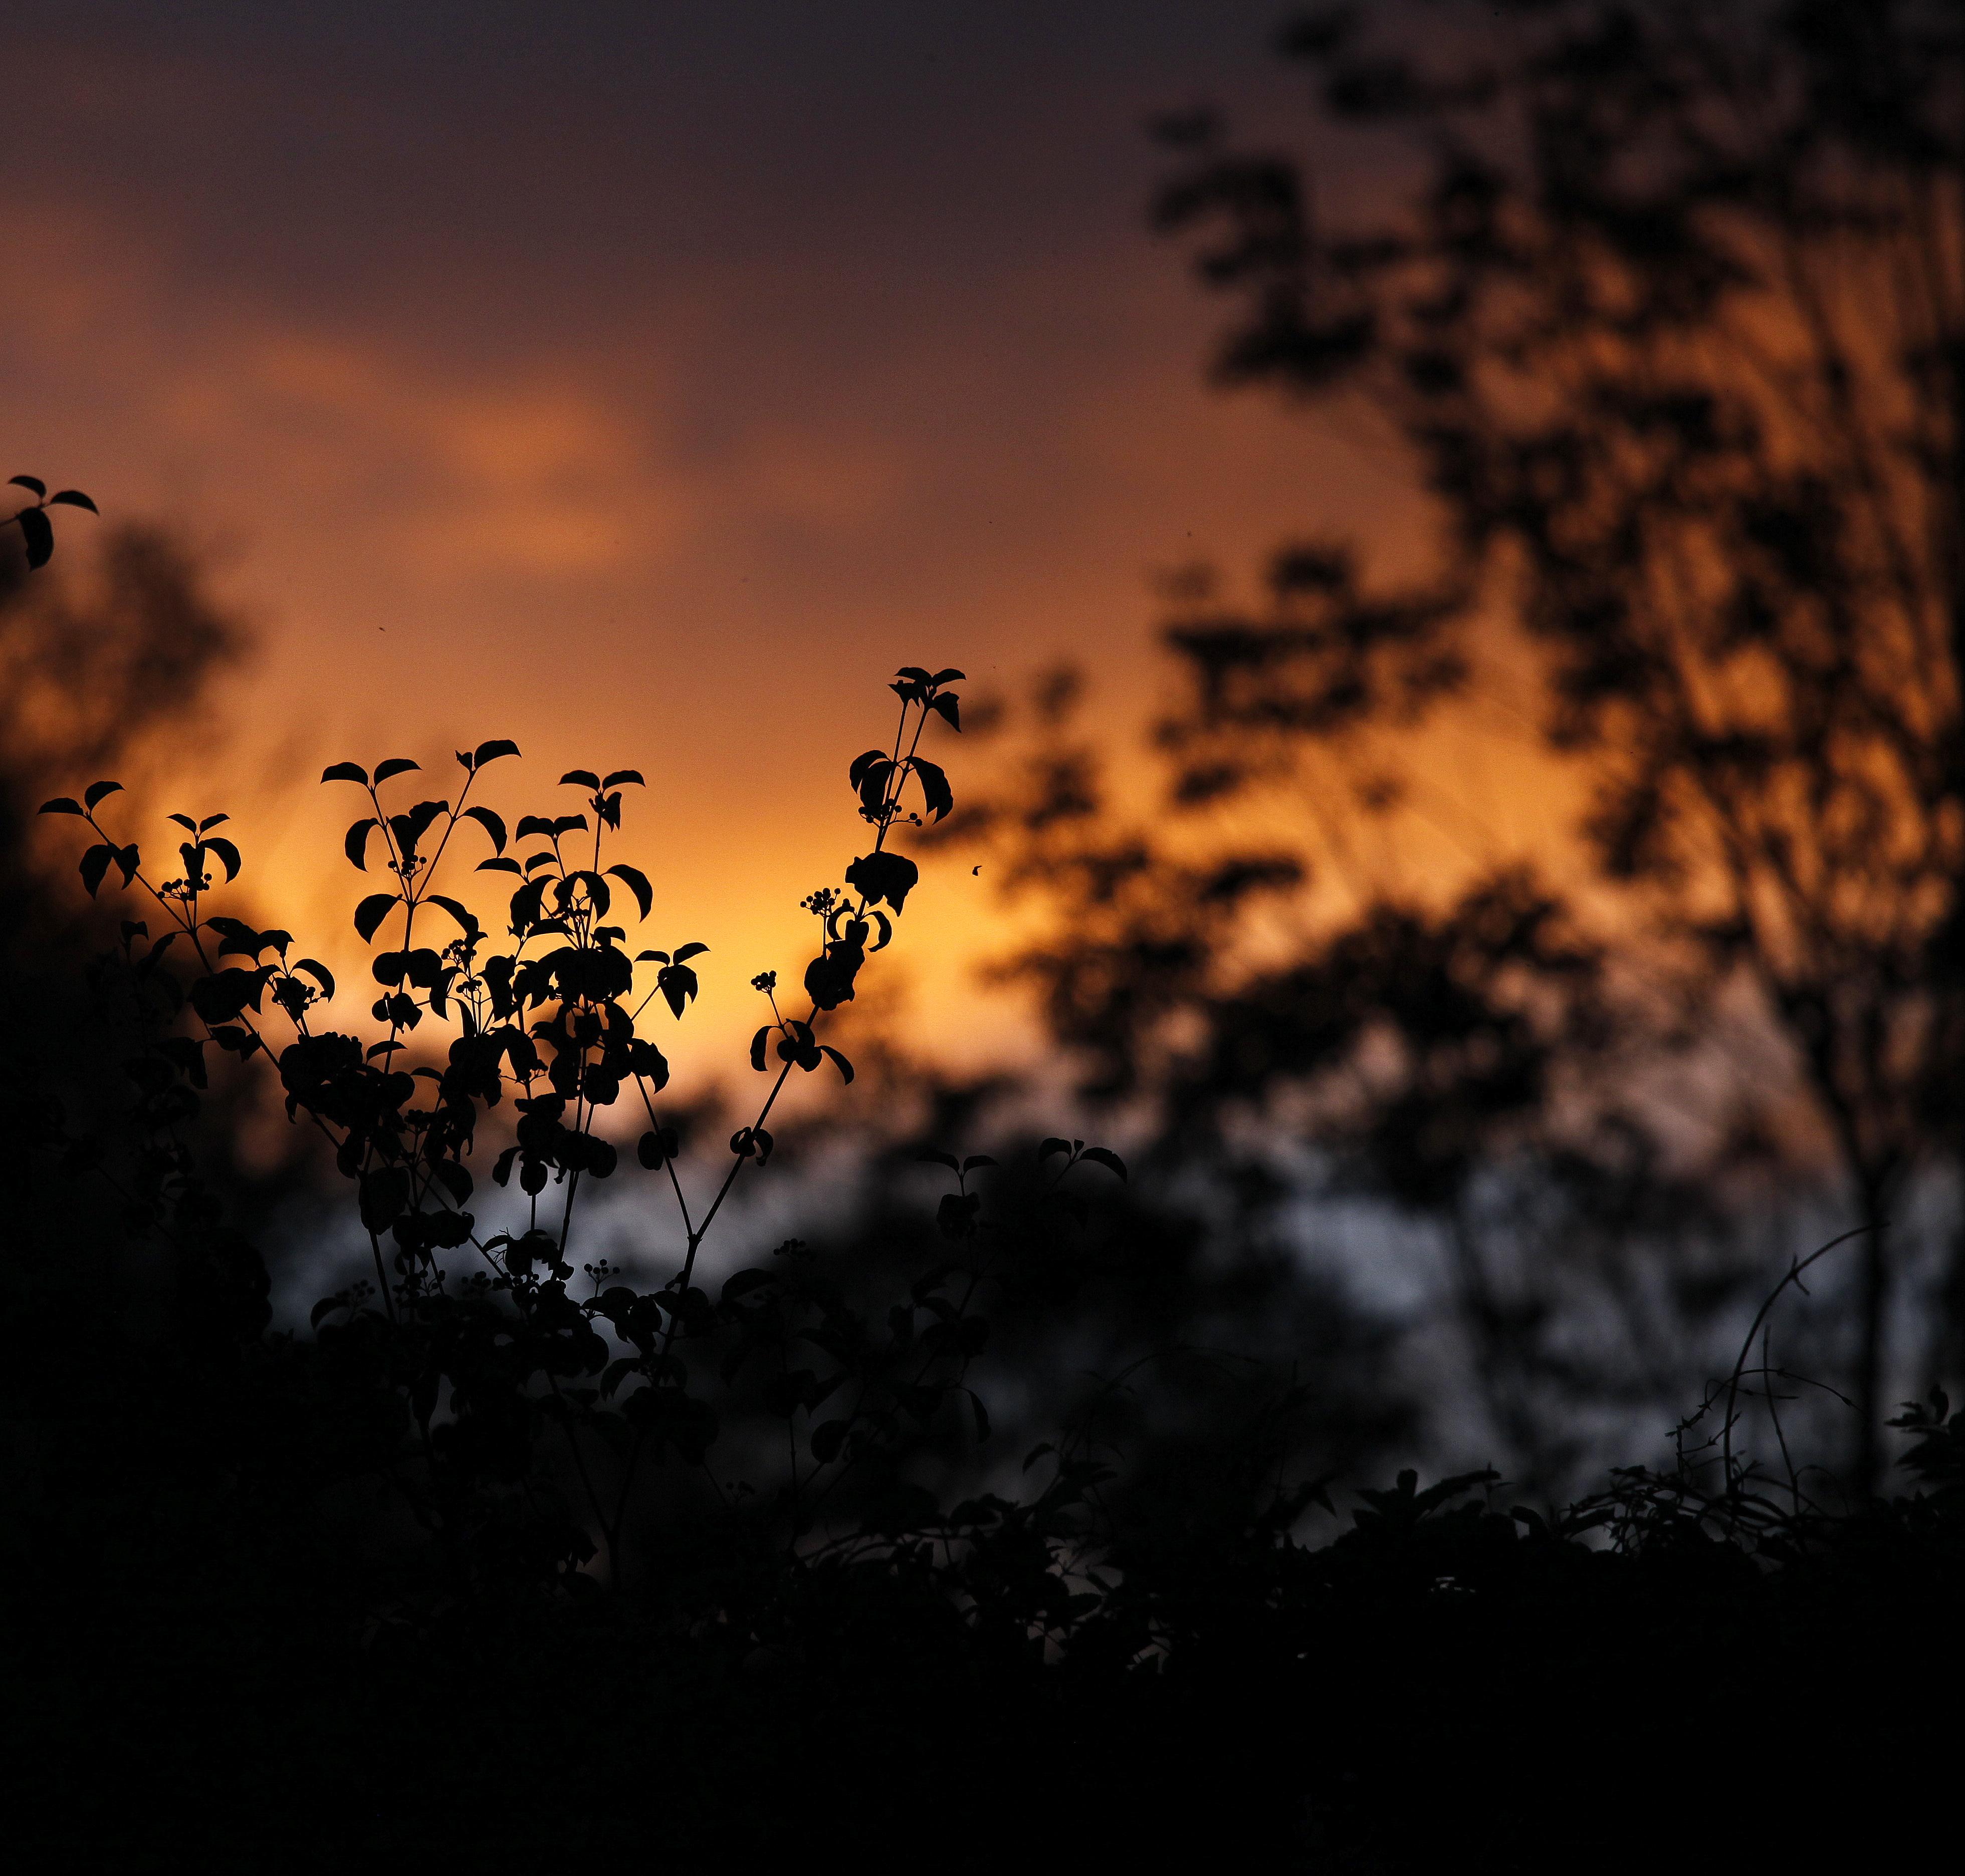 Скачать картинку Растения, Силуэты, Очертания, Закат, Листья, Темные в телефон бесплатно.